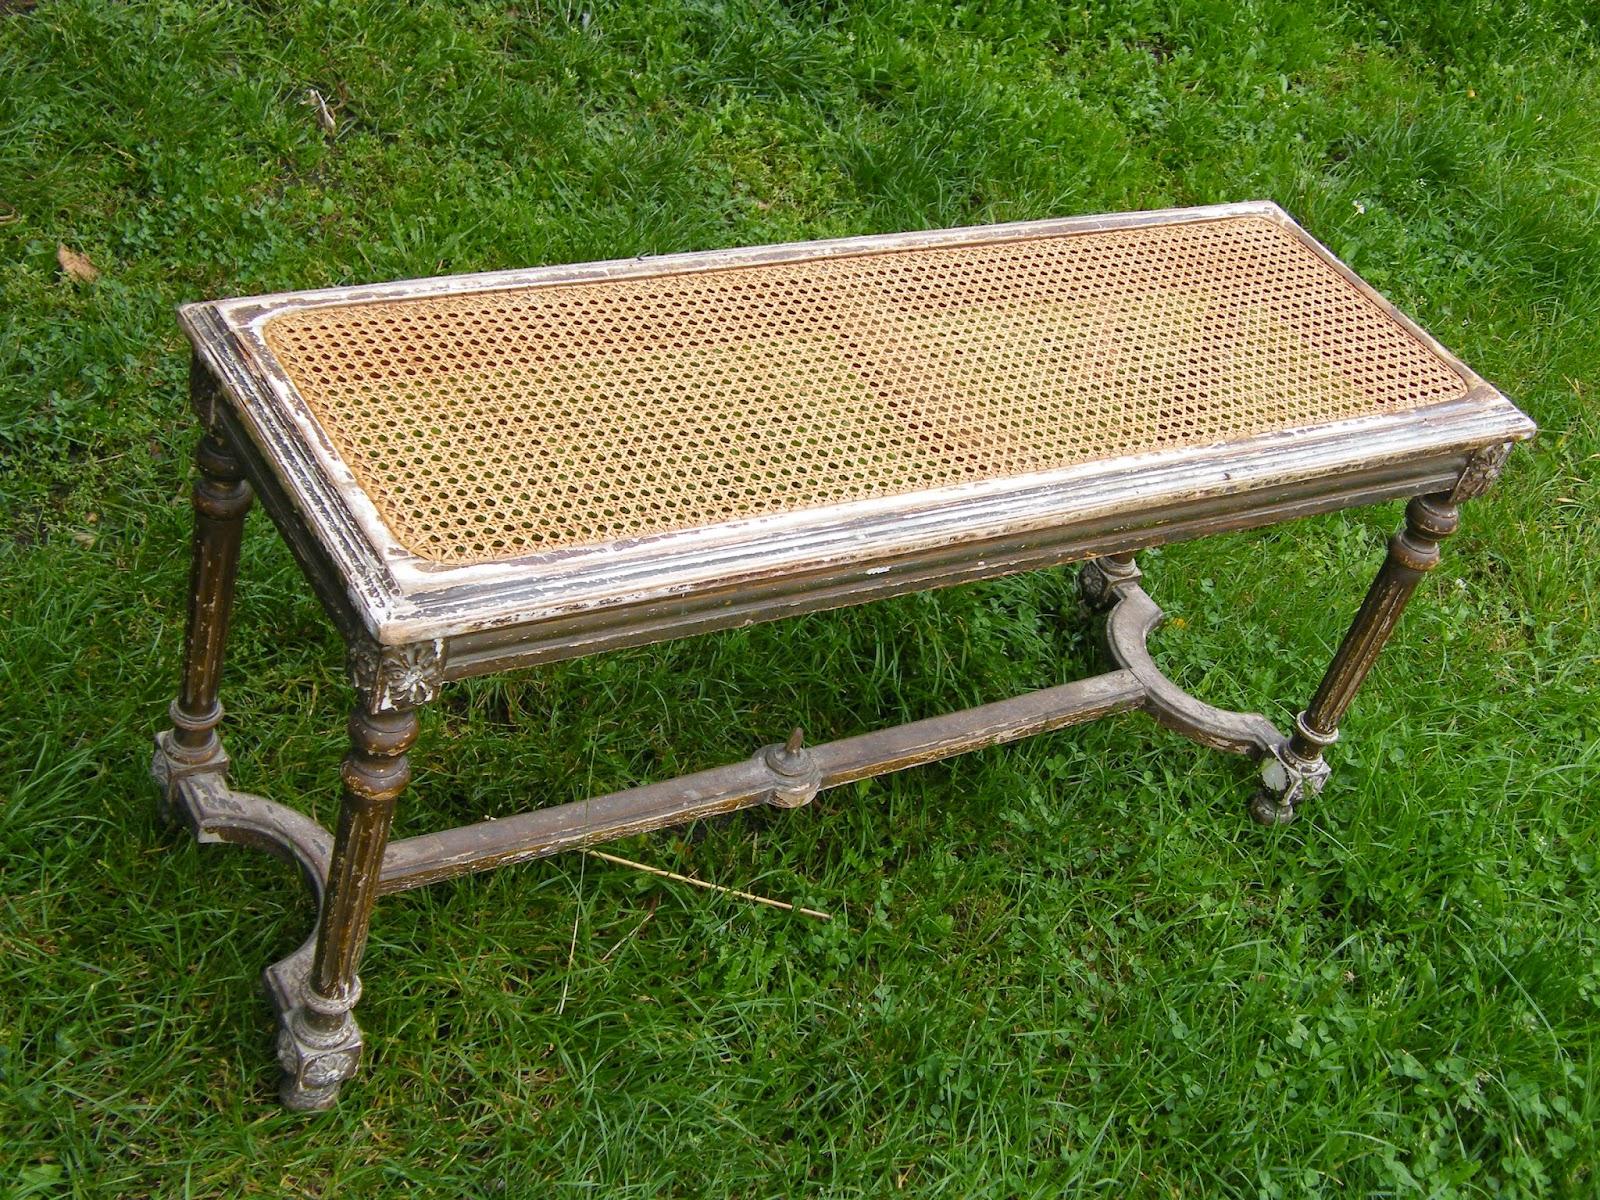 Refaire Un Fauteuil Louis Xvi normandie cannage: les fauteuils et chaises de style louis xvi